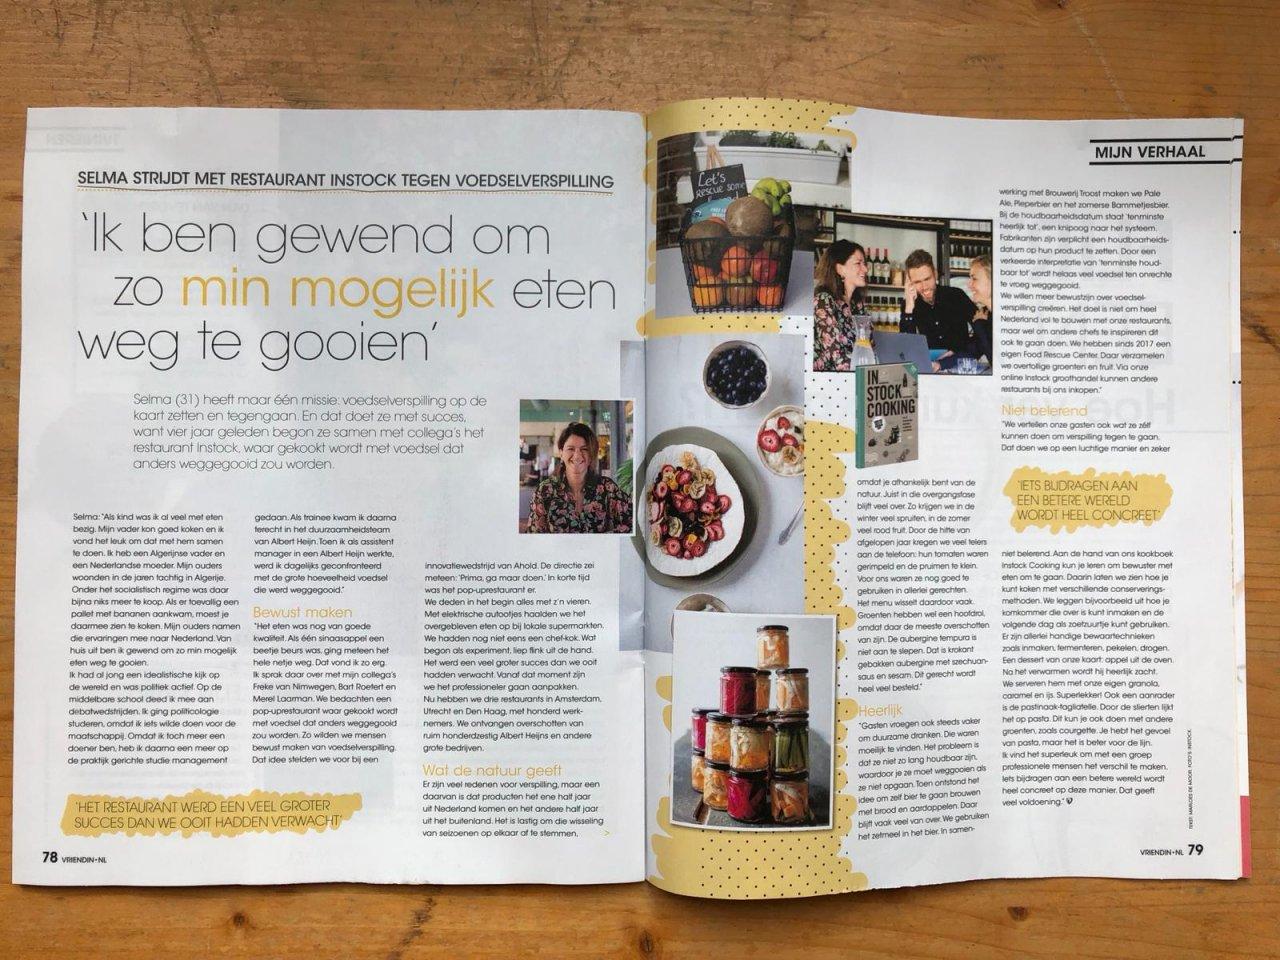 Twee paginas in de Vriendin waarin mede-oprichter Selma vertelt hoe en waarom Instock begonnen is en de heerlijke gerechten die je in de restaurants kunt komen proberen en